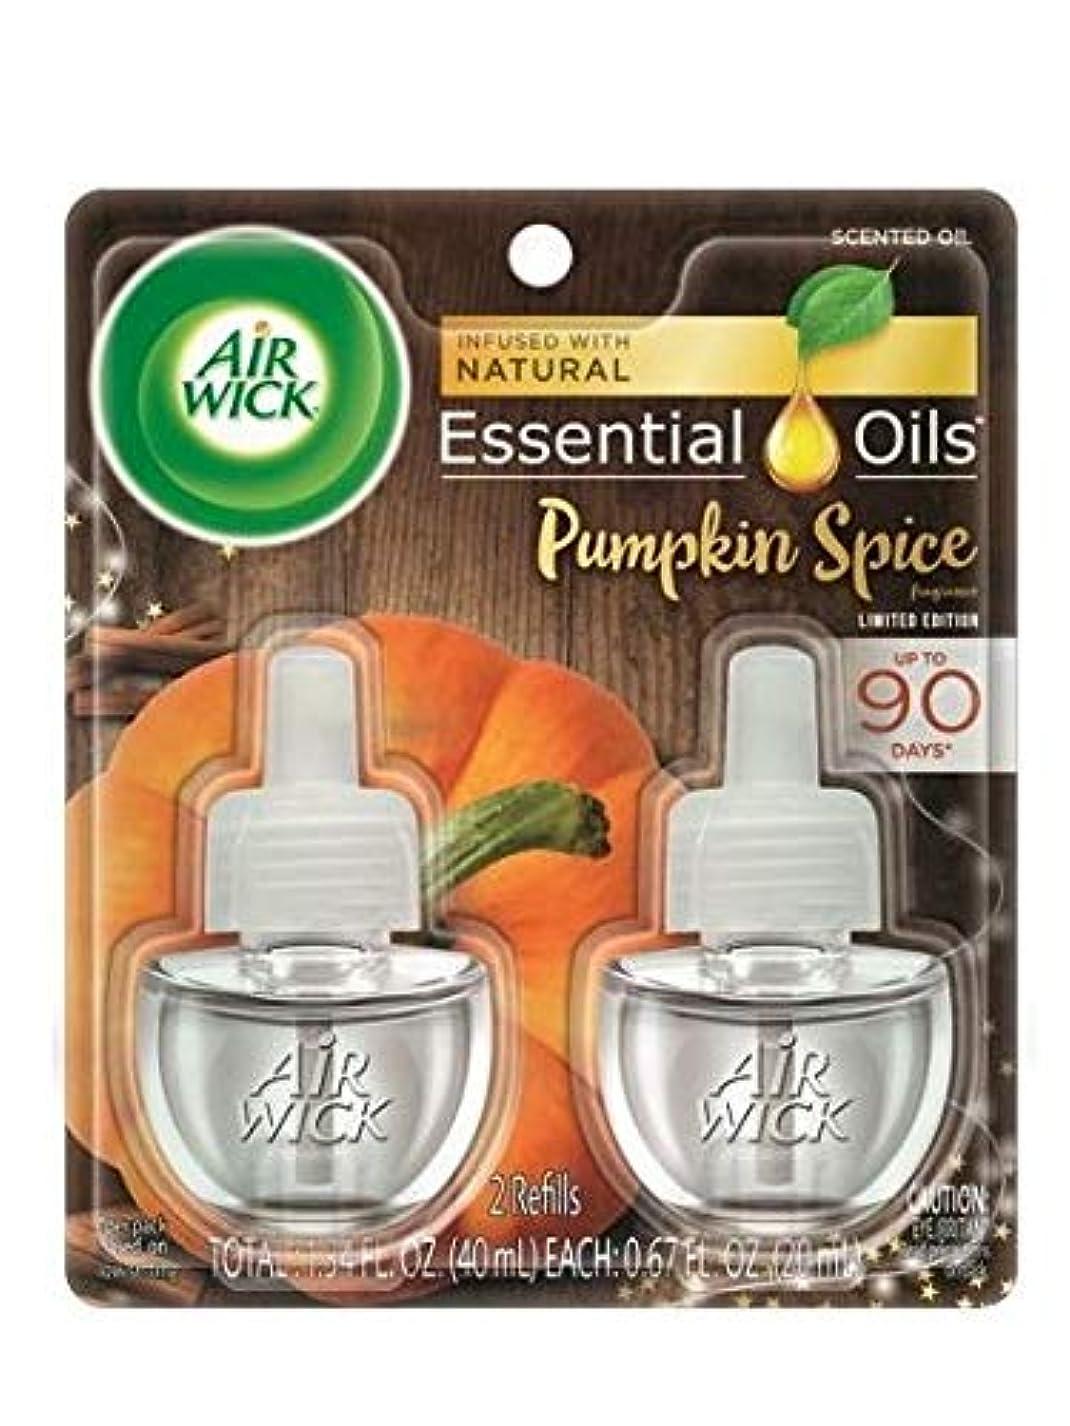 ペスト用心する中間【Air Wick/エアーウィック】 プラグインオイル詰替えリフィル(2個入り) パンプキンスパイス Air Wick Scented Oil Twin Refill Pumpkin Spice (2X.67) Oz. [並行輸入品]